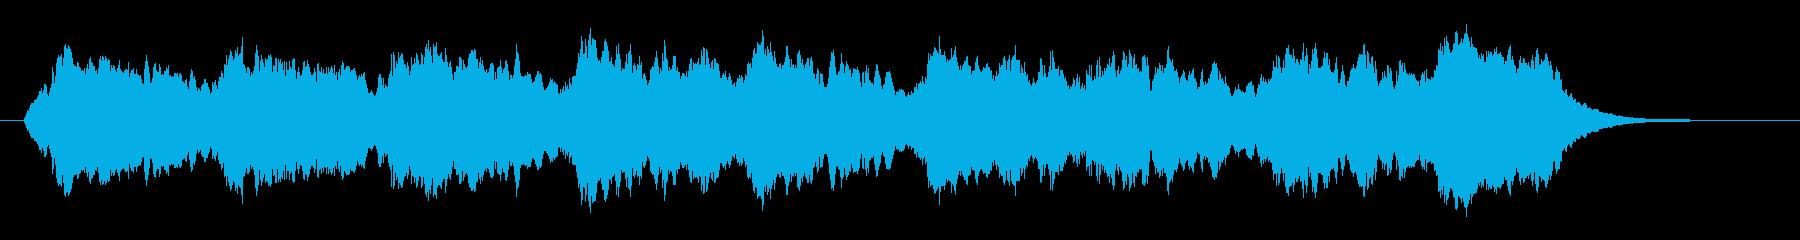 神秘的で悠長なヒーリングジングルの再生済みの波形